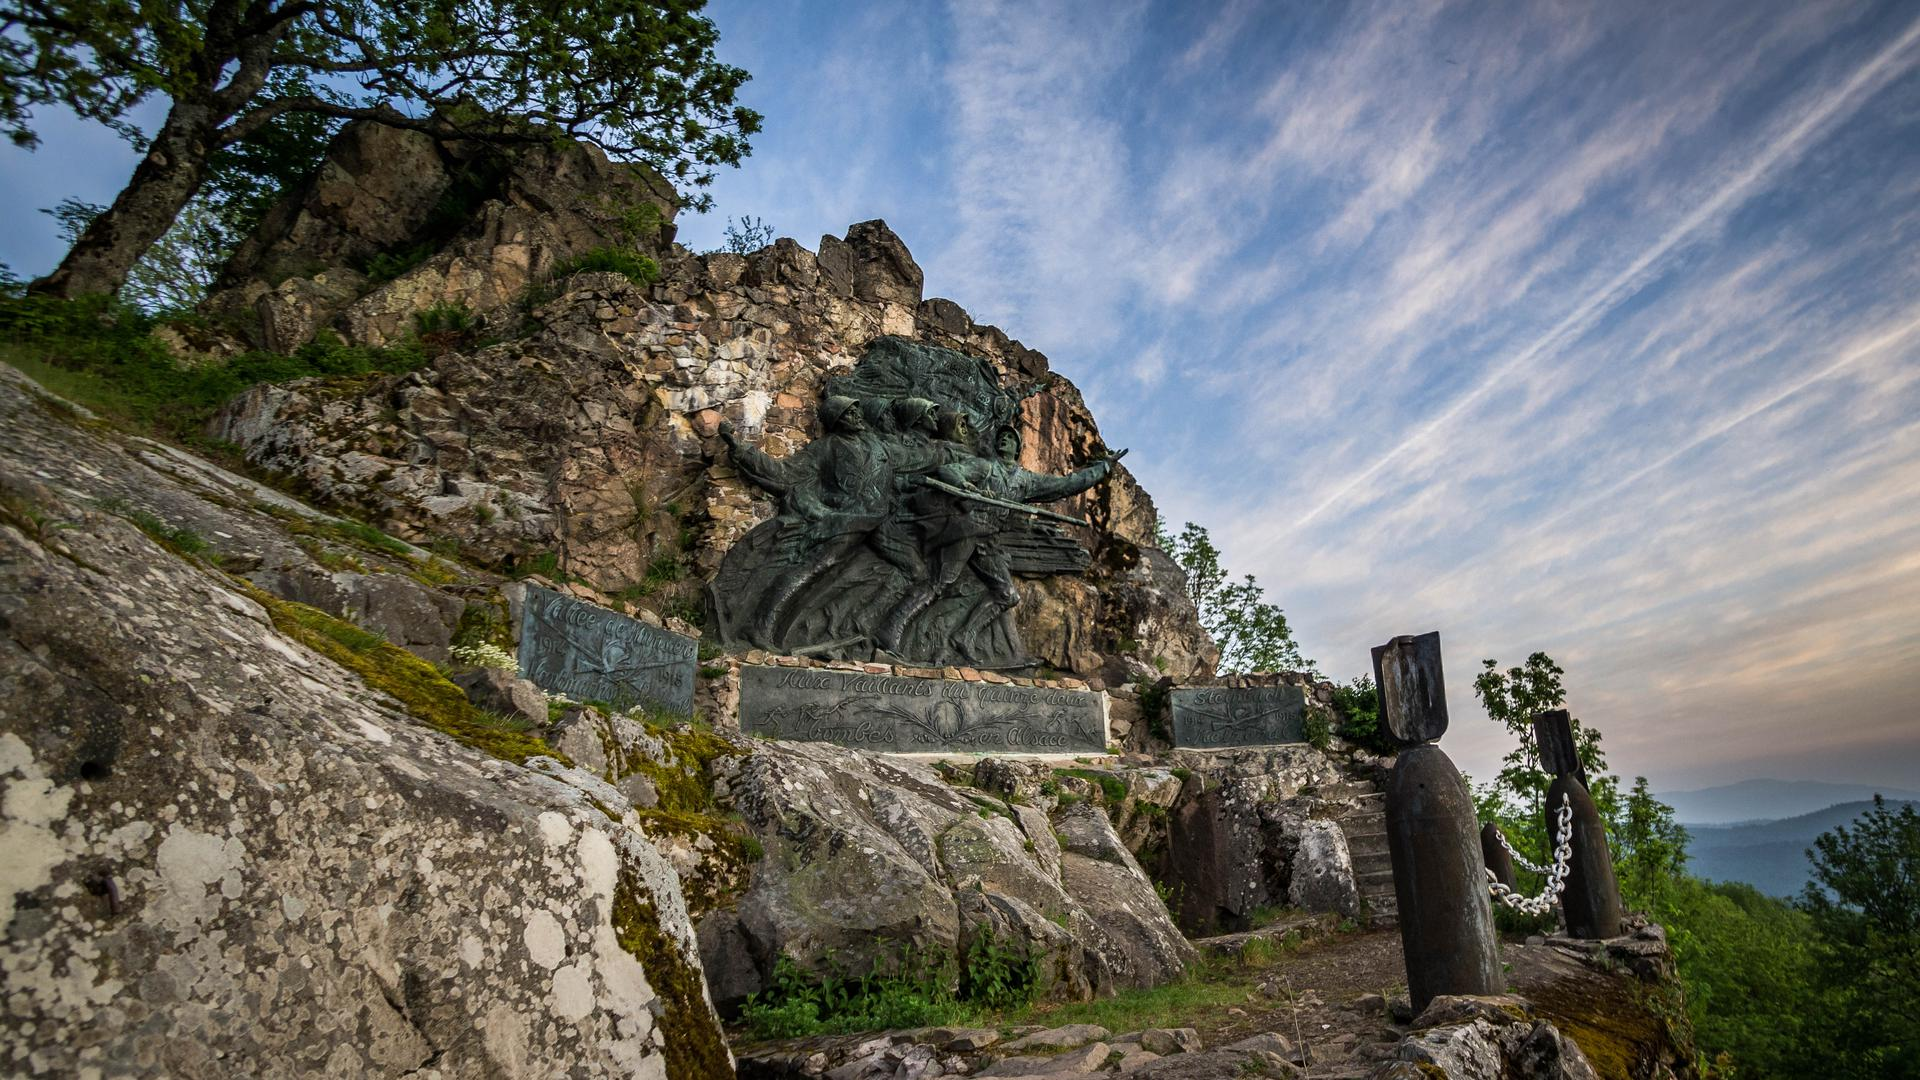 Denkmal erster Weltkrieg elsass